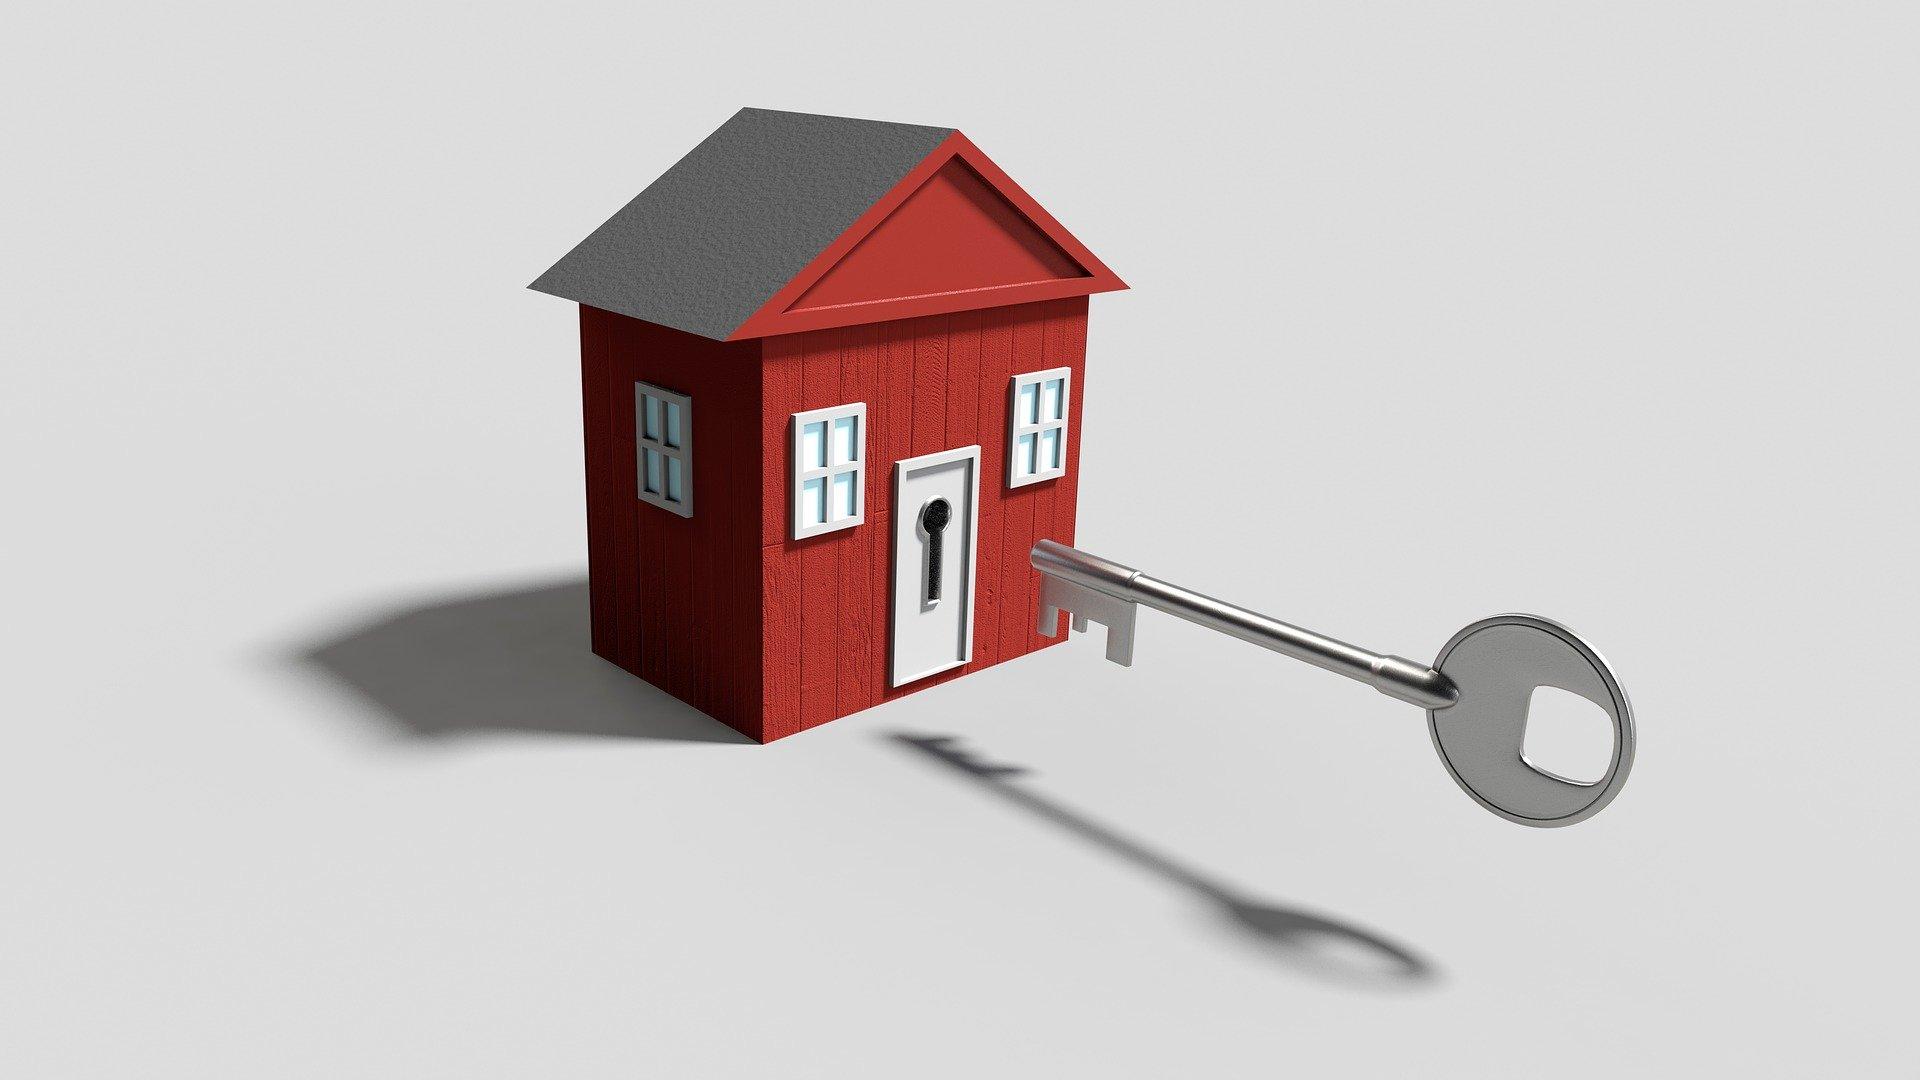 Agent immobilier : pensez à vérifier la solvabilité du candidat locataire et à mettre en garde votre mandant du risque d'insolvabilité du candidat acquéreur